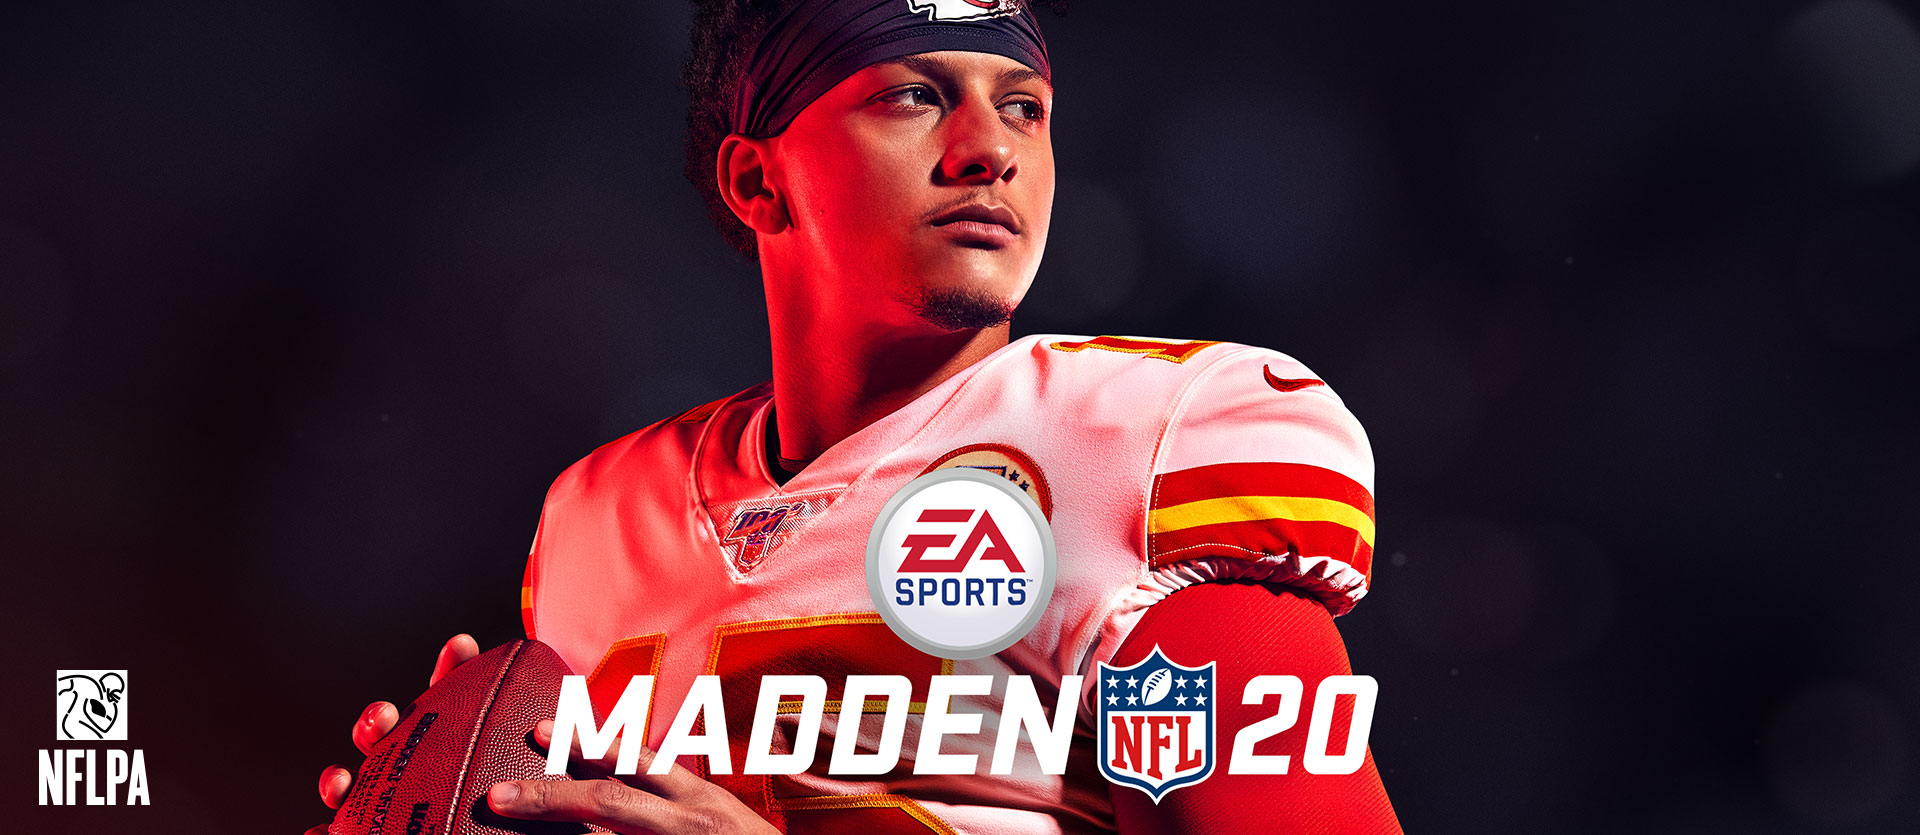 Madden NFL 20, NFLPA-logo, rugbyspeler in volledige uitrusting en rode schaduw